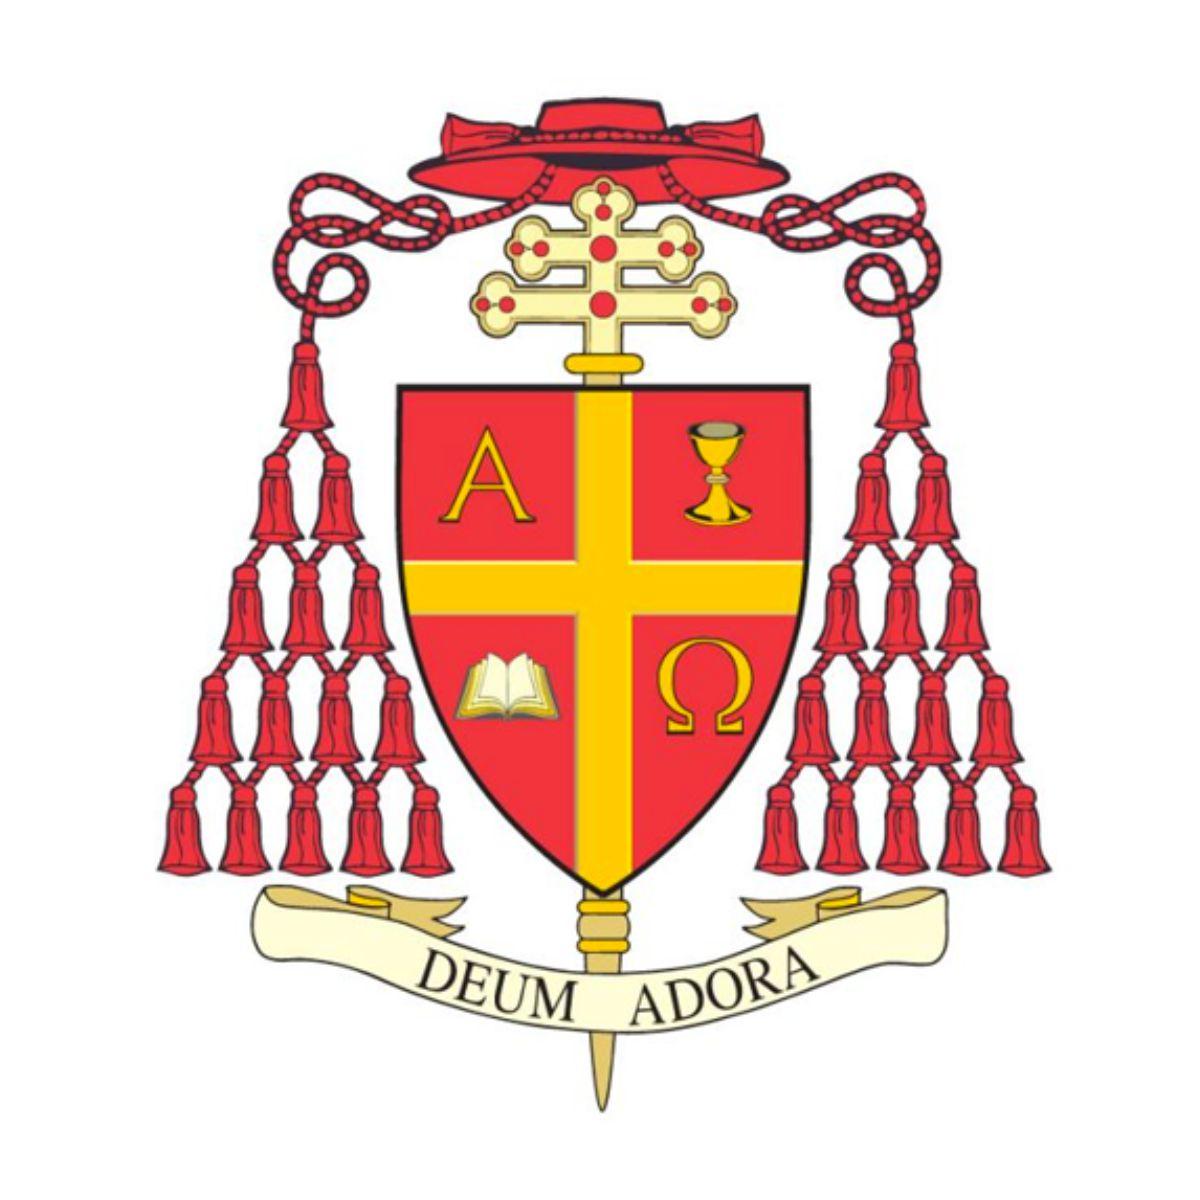 Cardinal COA